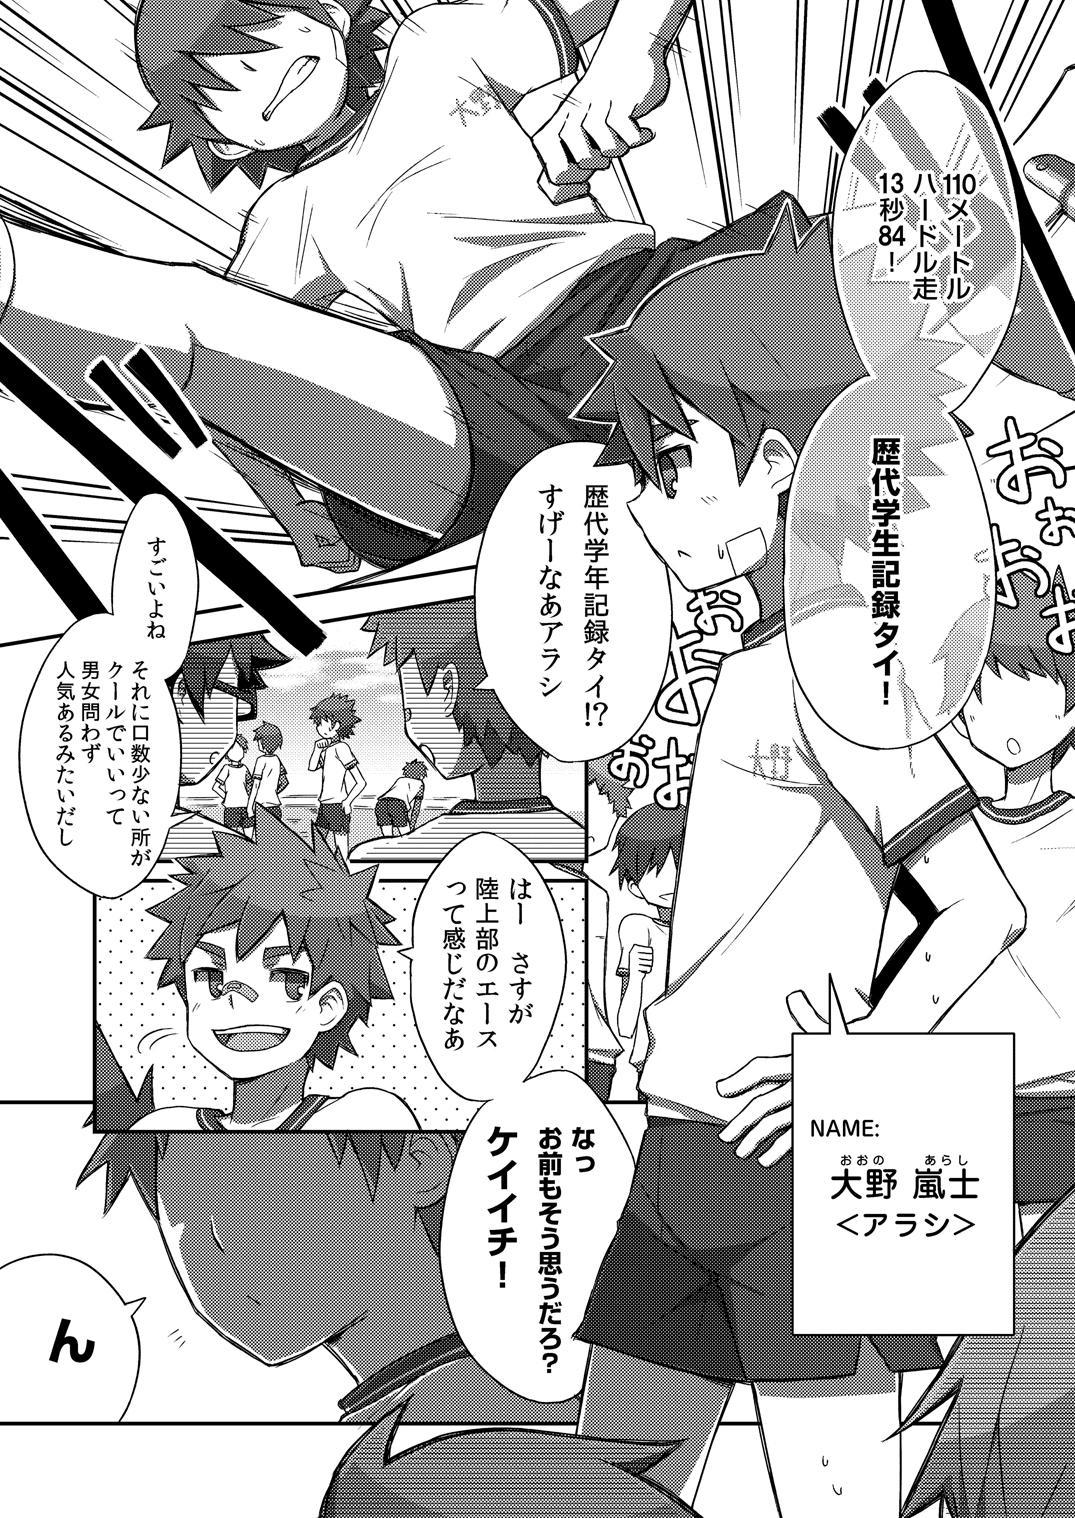 (Shota Scratch 18) [Drum-Kan (Kine)] Arashi-kun to Keiichi-kun. 3